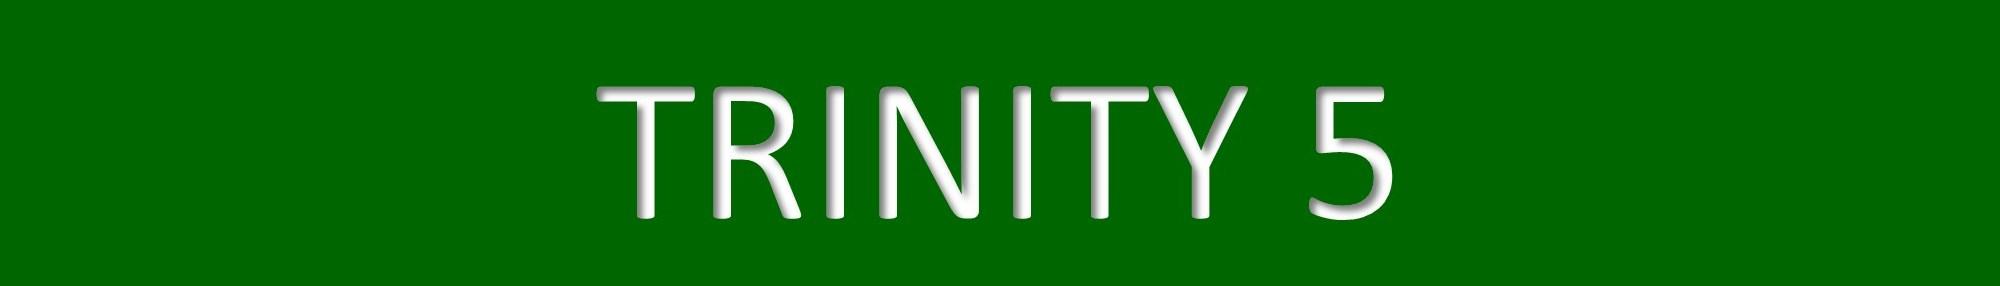 Trinity 5 header